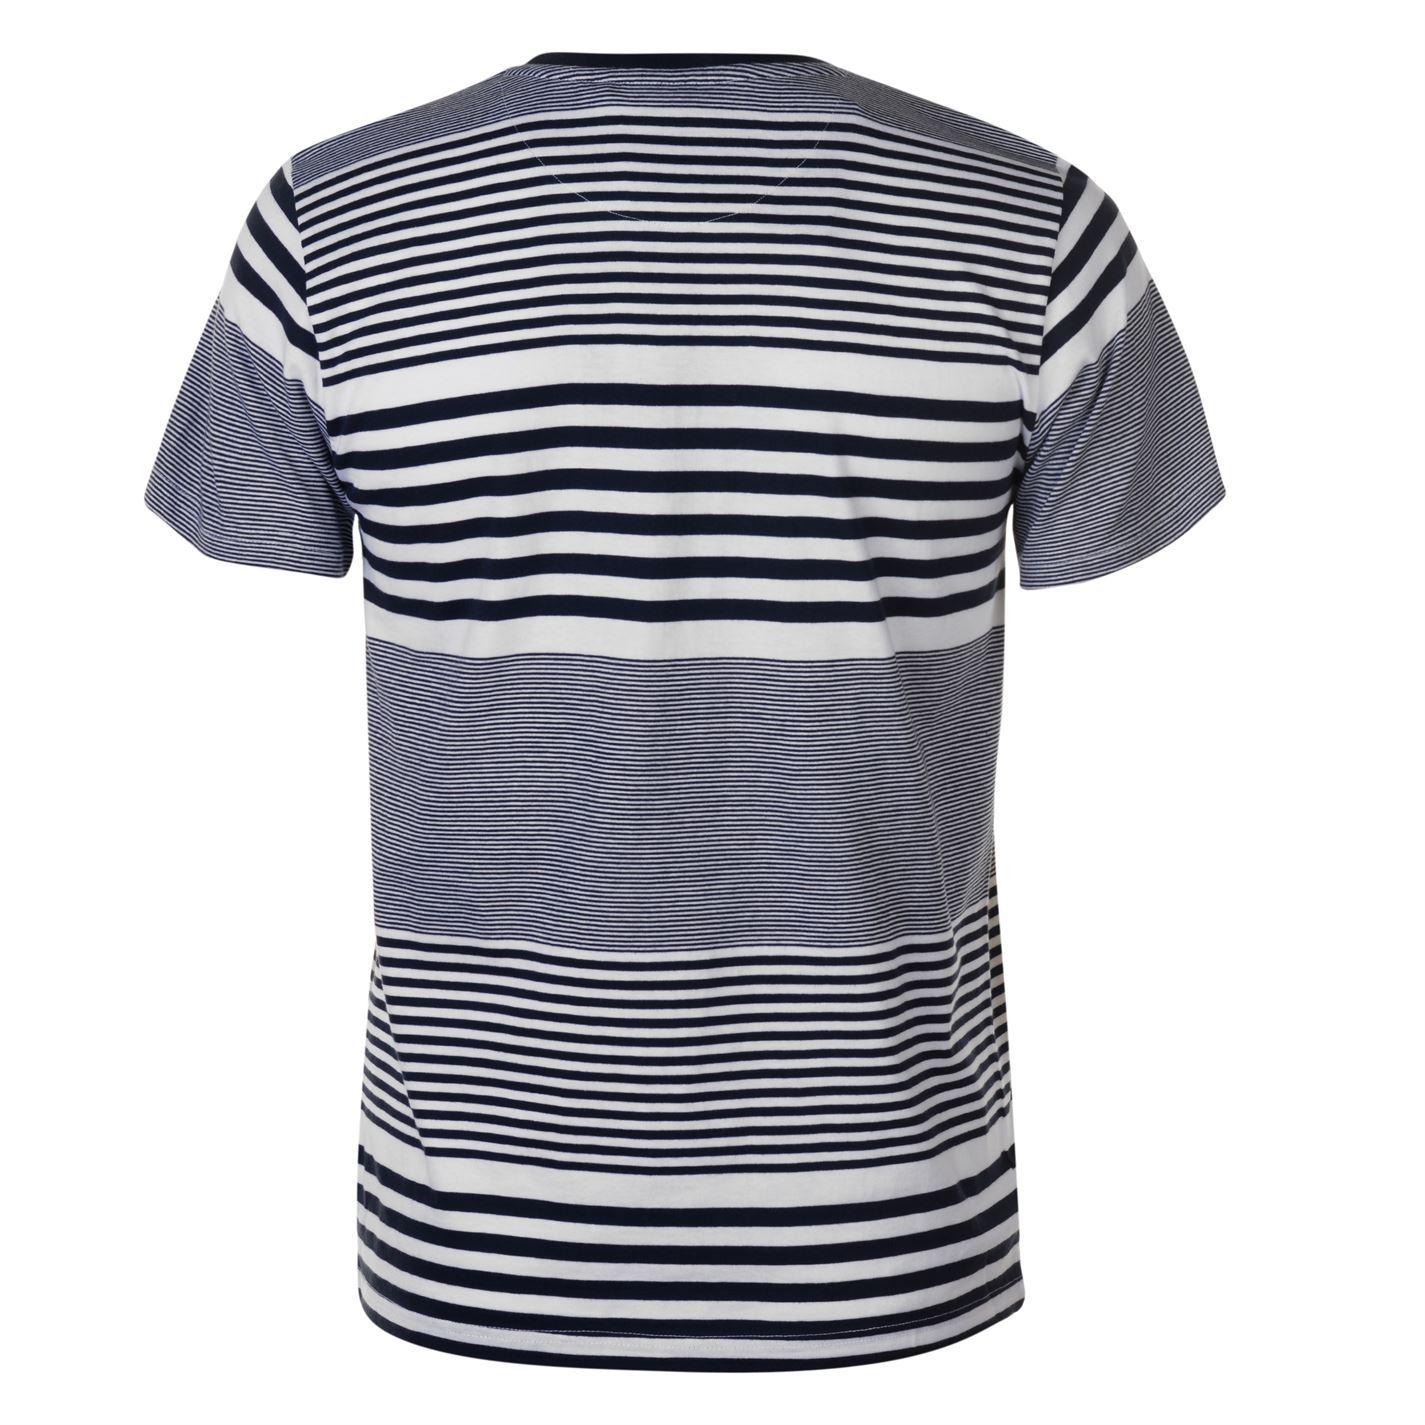 Da Uomo Hi Viz Visibilità Grigio Colletto Manica Corta Polo T-shirt